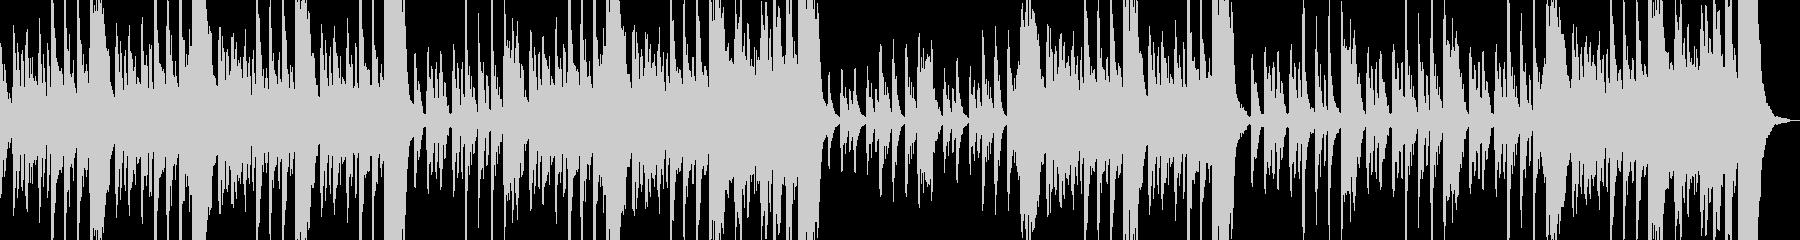 ハロウィン向け不気味な雰囲気のBGMの未再生の波形